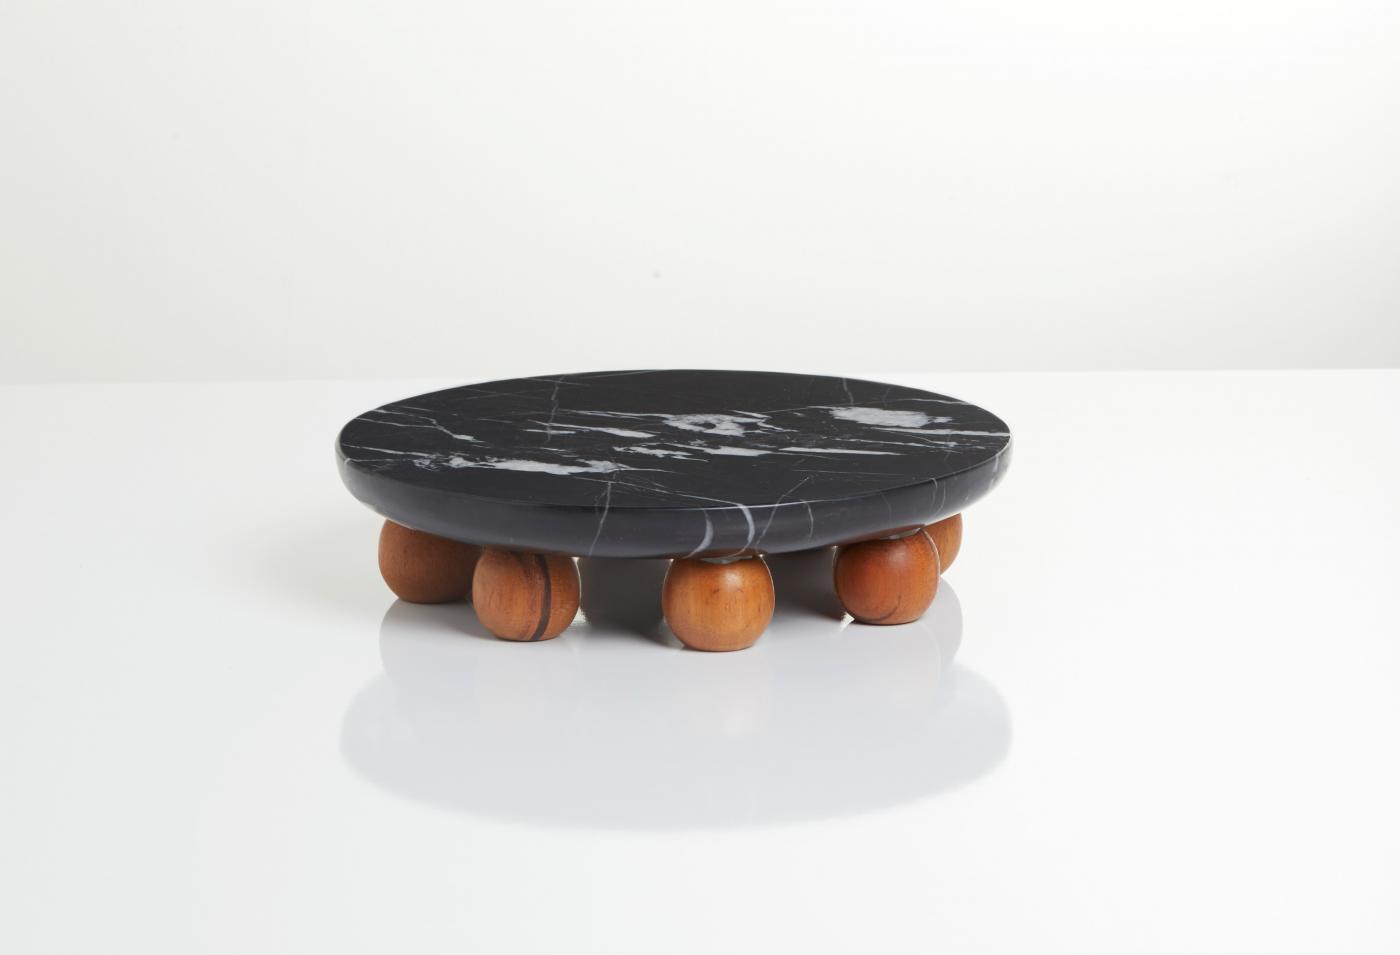 4422-bandeja-em-marmore-nero-marquina-com-bolas-em-madeira-estudio-suka-braga-1-1400